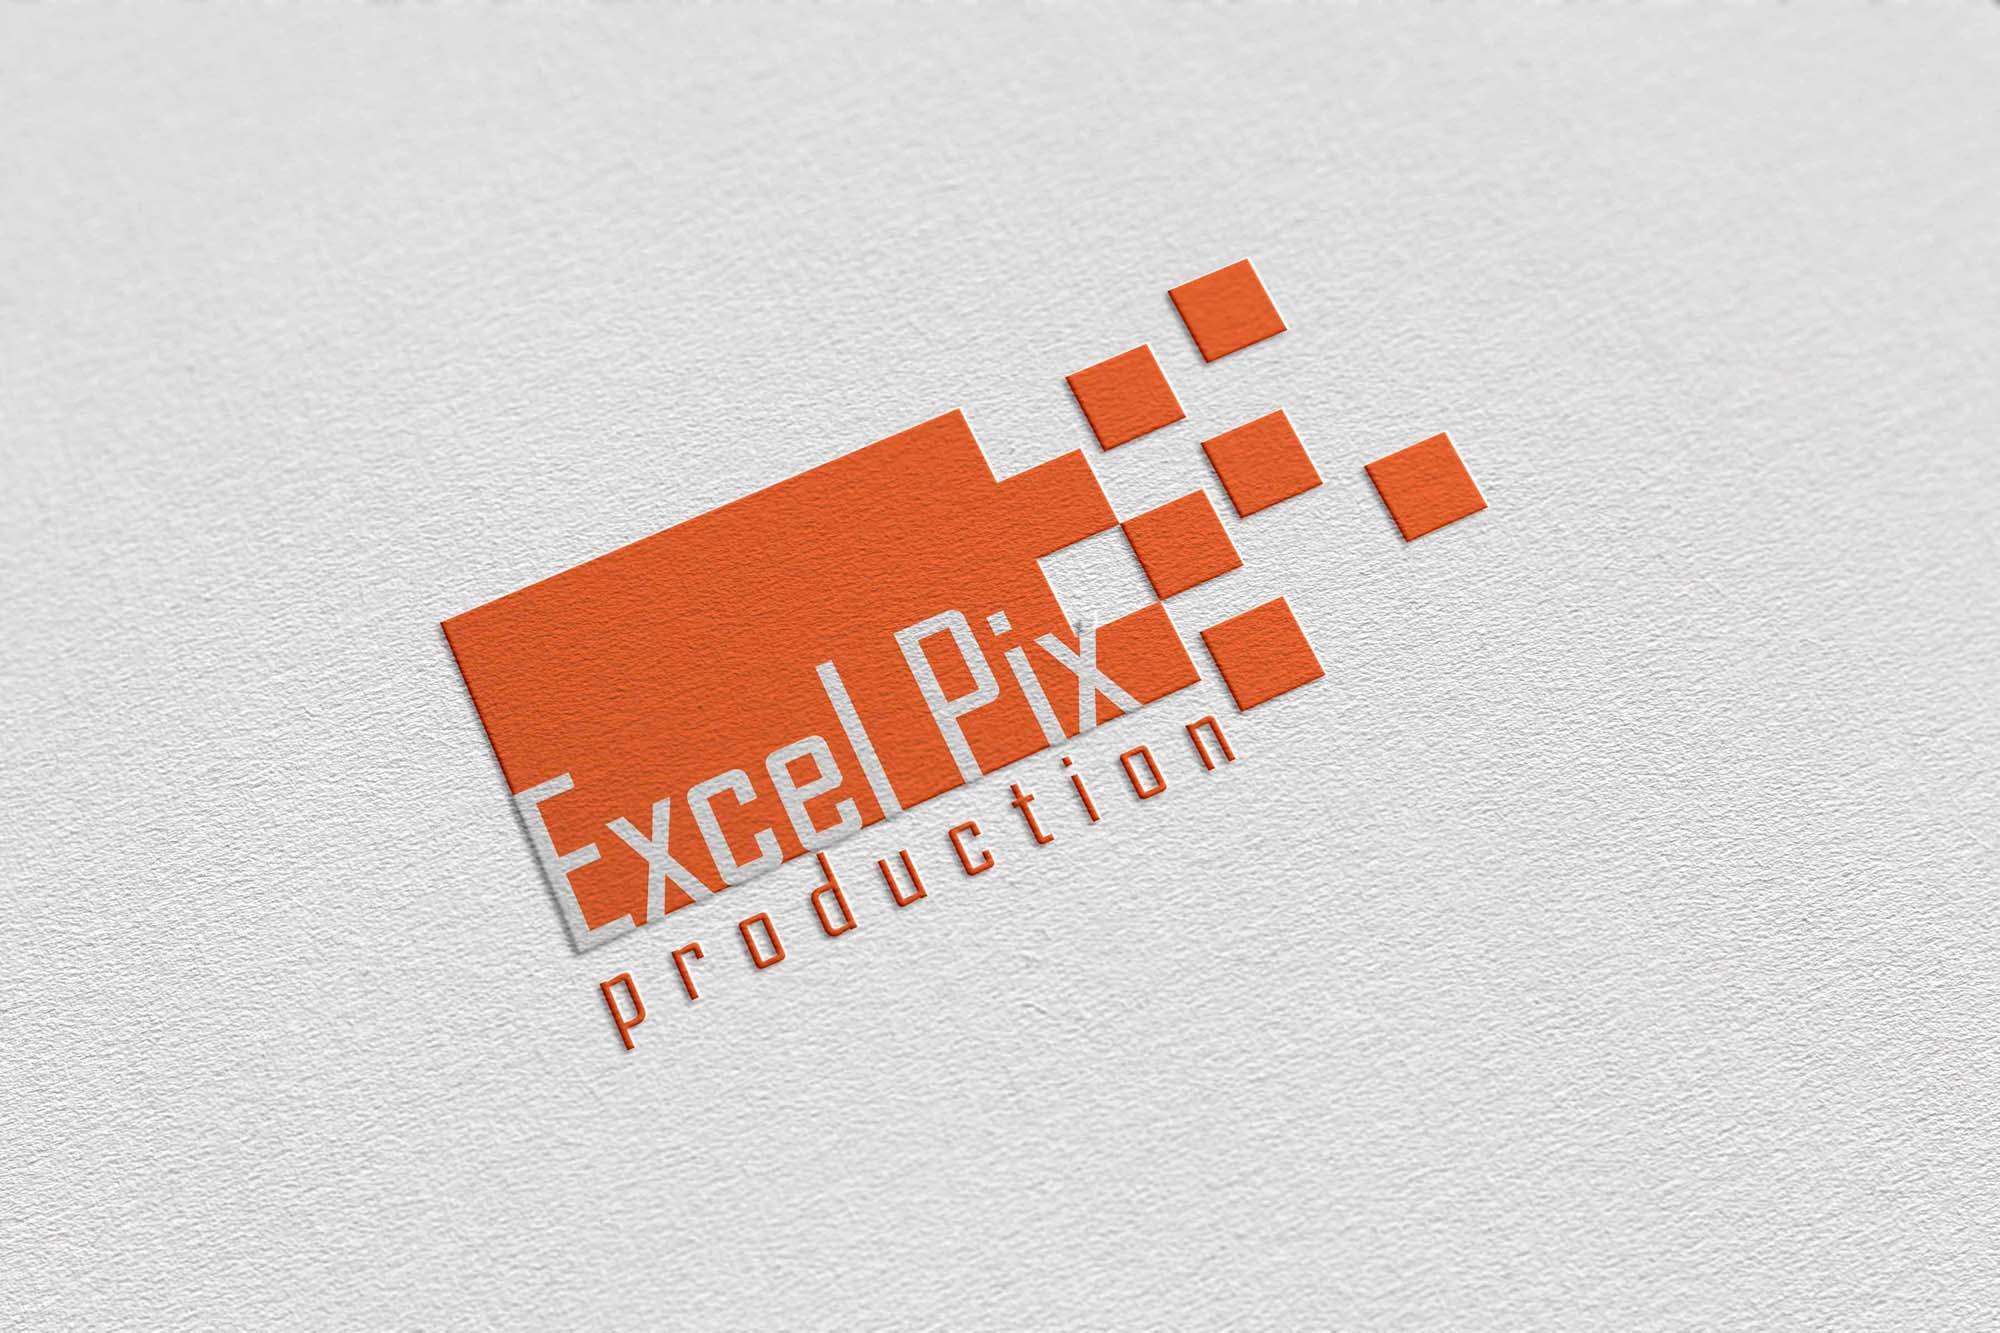 excel pix production